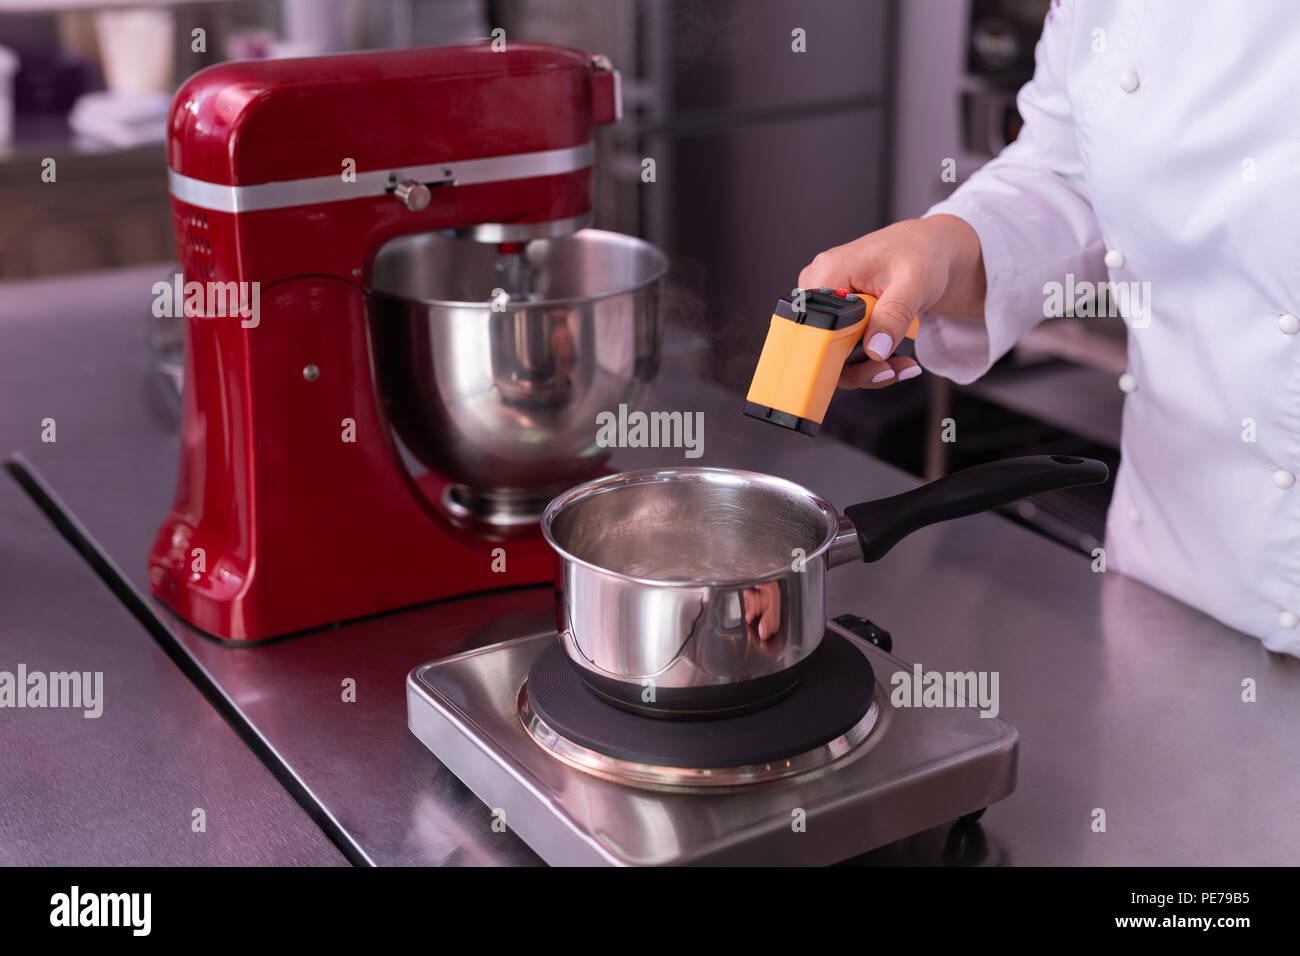 Professionelle Bäcker Messung der Temperatur des Wassers kochen Dessert Stockbild